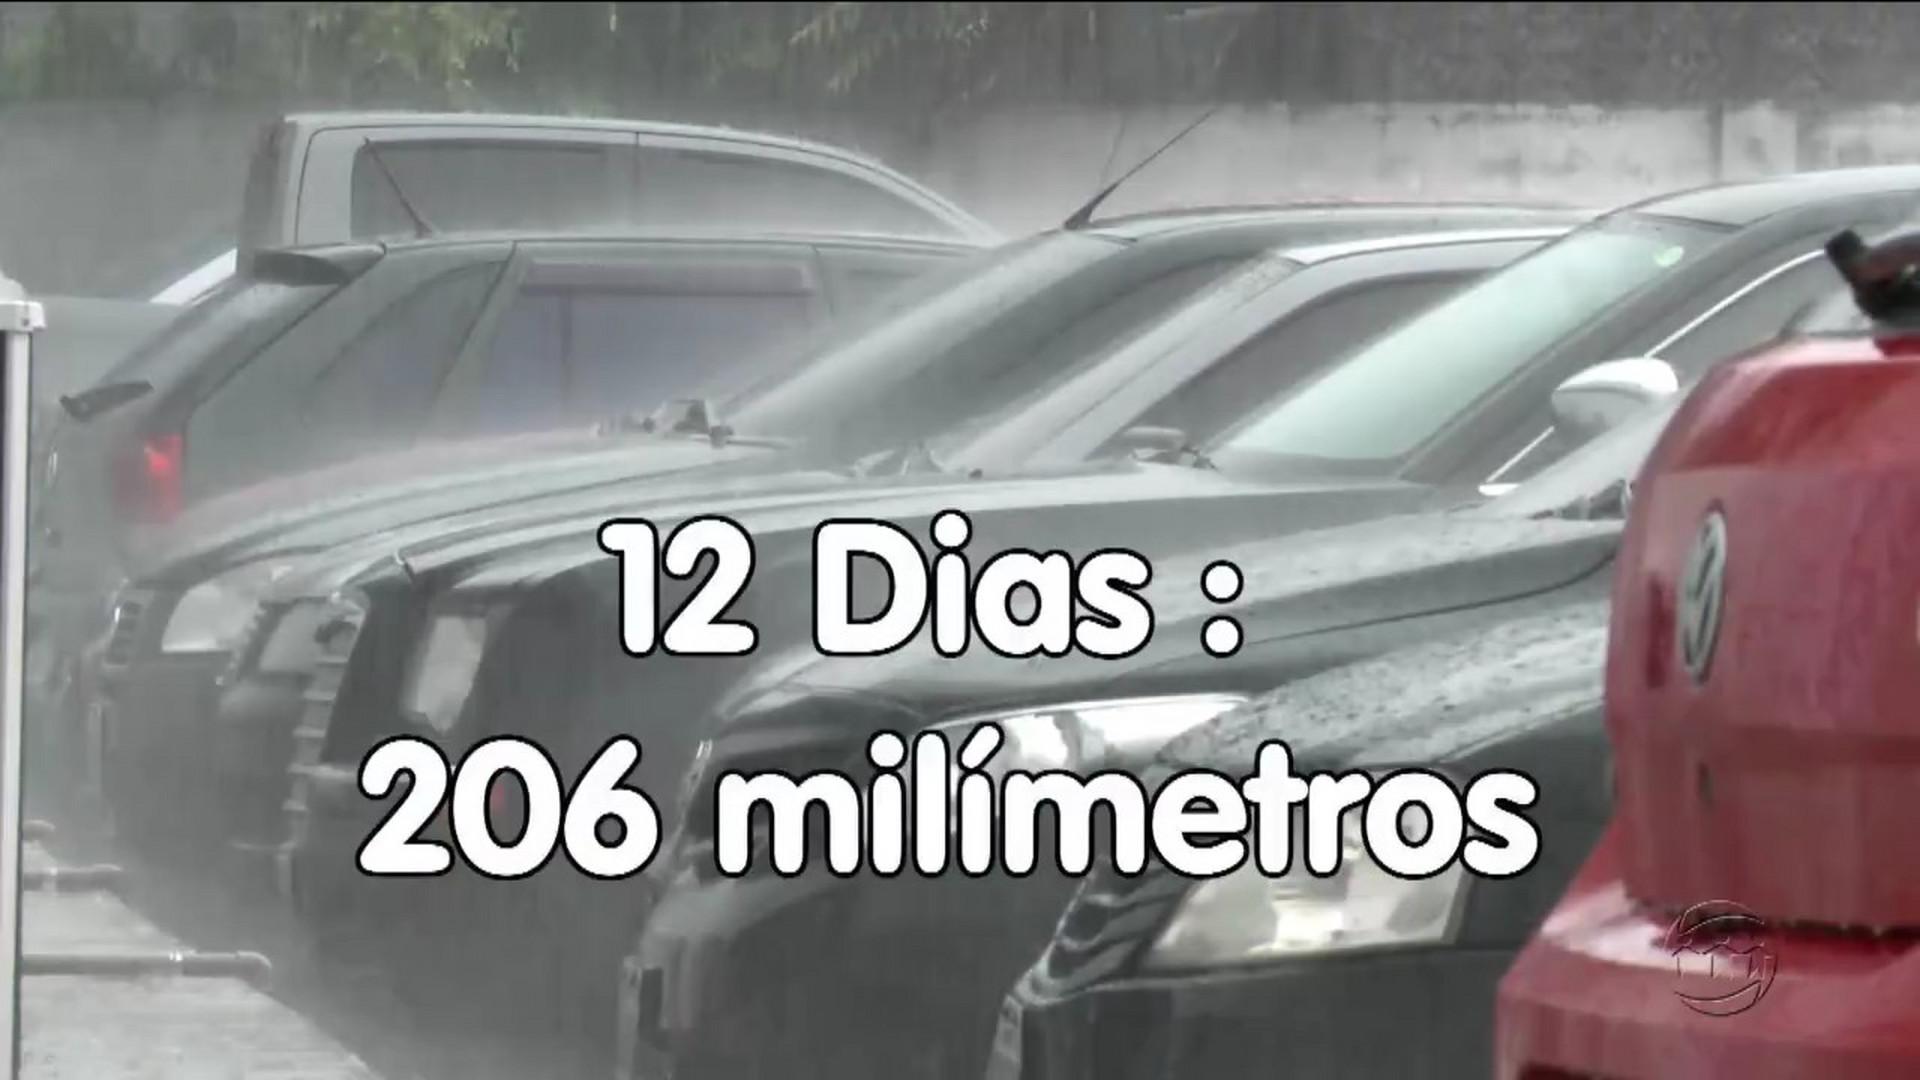 ESPECIALISTAS ALERTAM SOBRE O VOLUME DE CHUVA EM DEZEMBRO - A Crítica Na Tv - 12/12/17